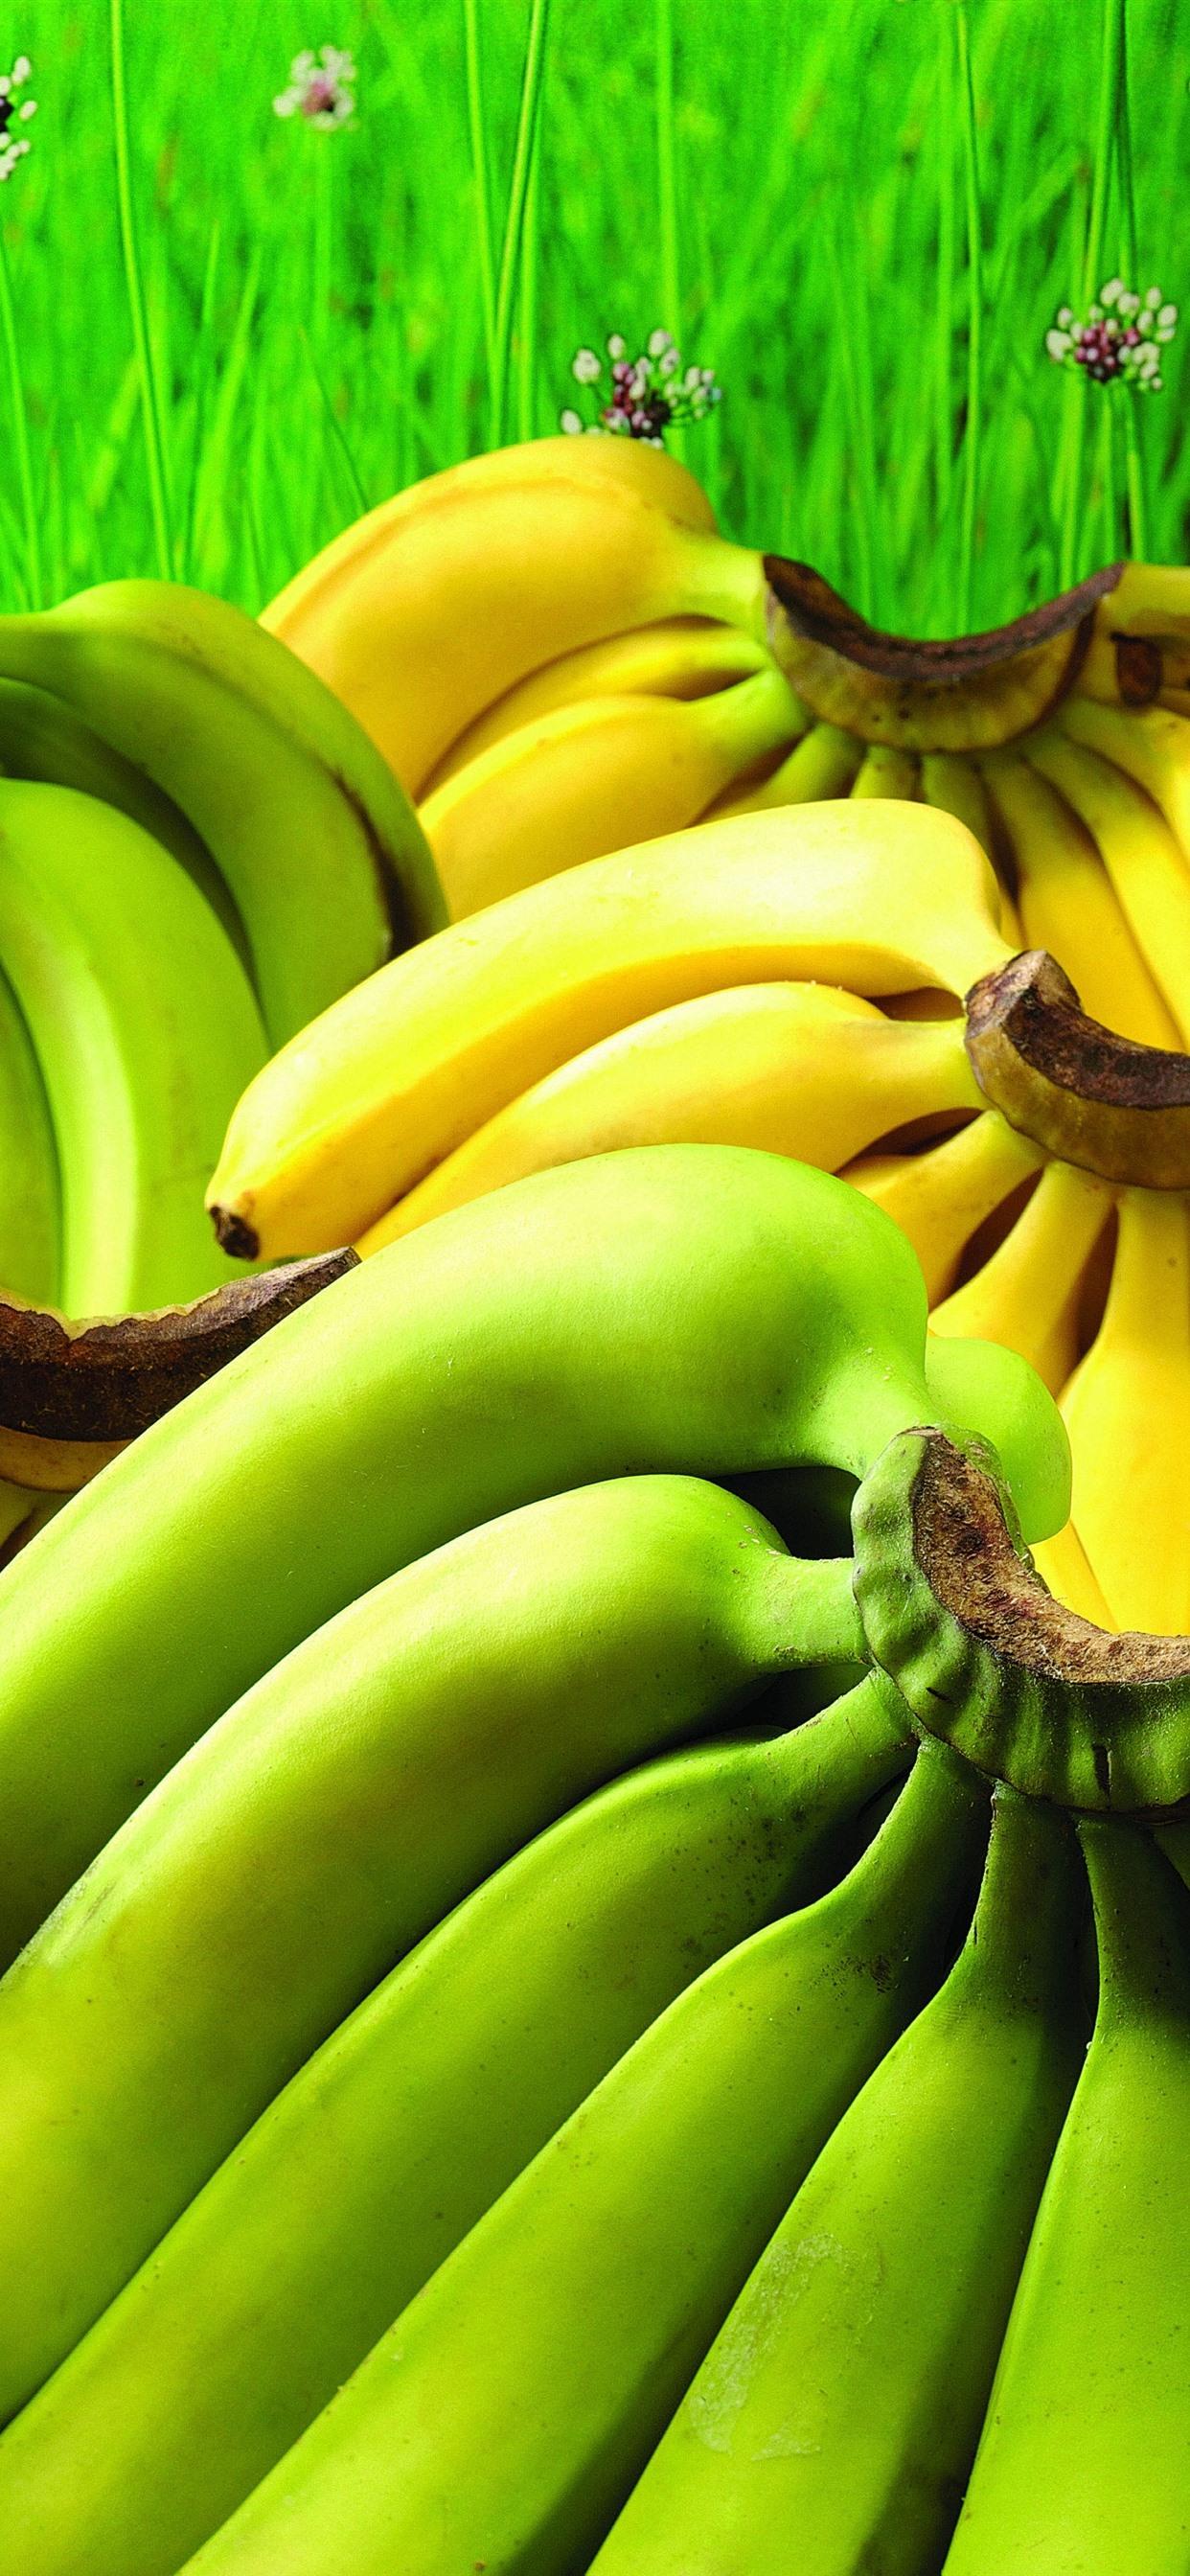 緑色と黄色のバナナ 果物 1242x2688 Iphone 11 Pro Xs Max 壁紙 背景